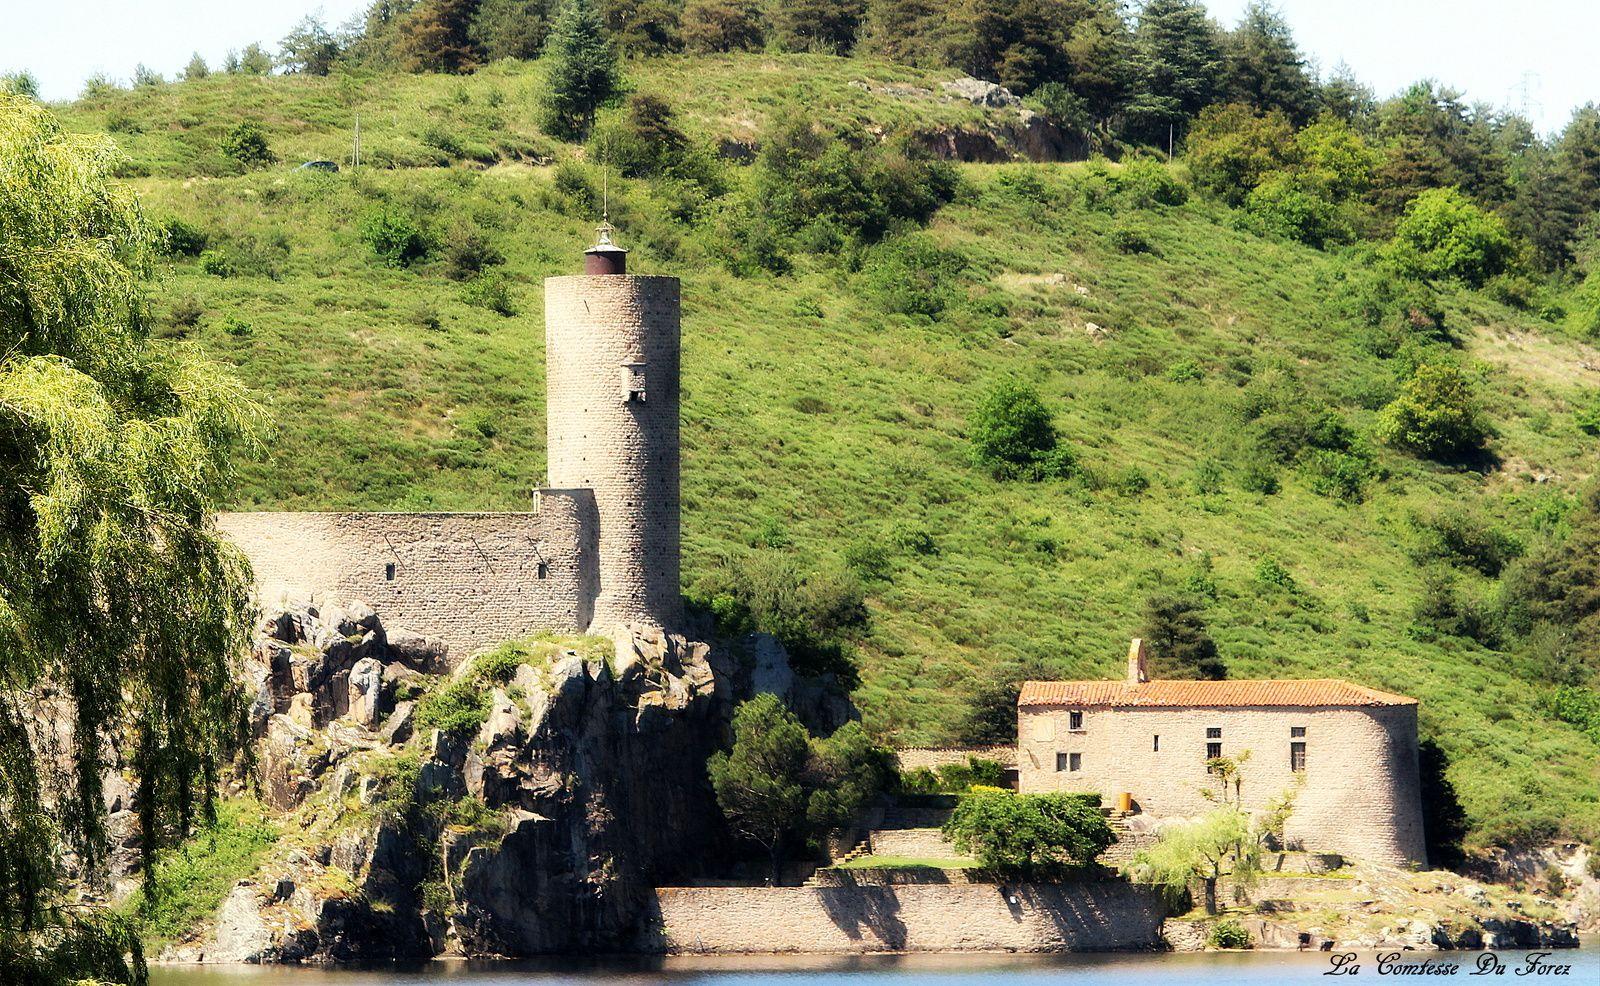 vu sur l'île de Grangent avec sa tour médiéval et sa chapelle